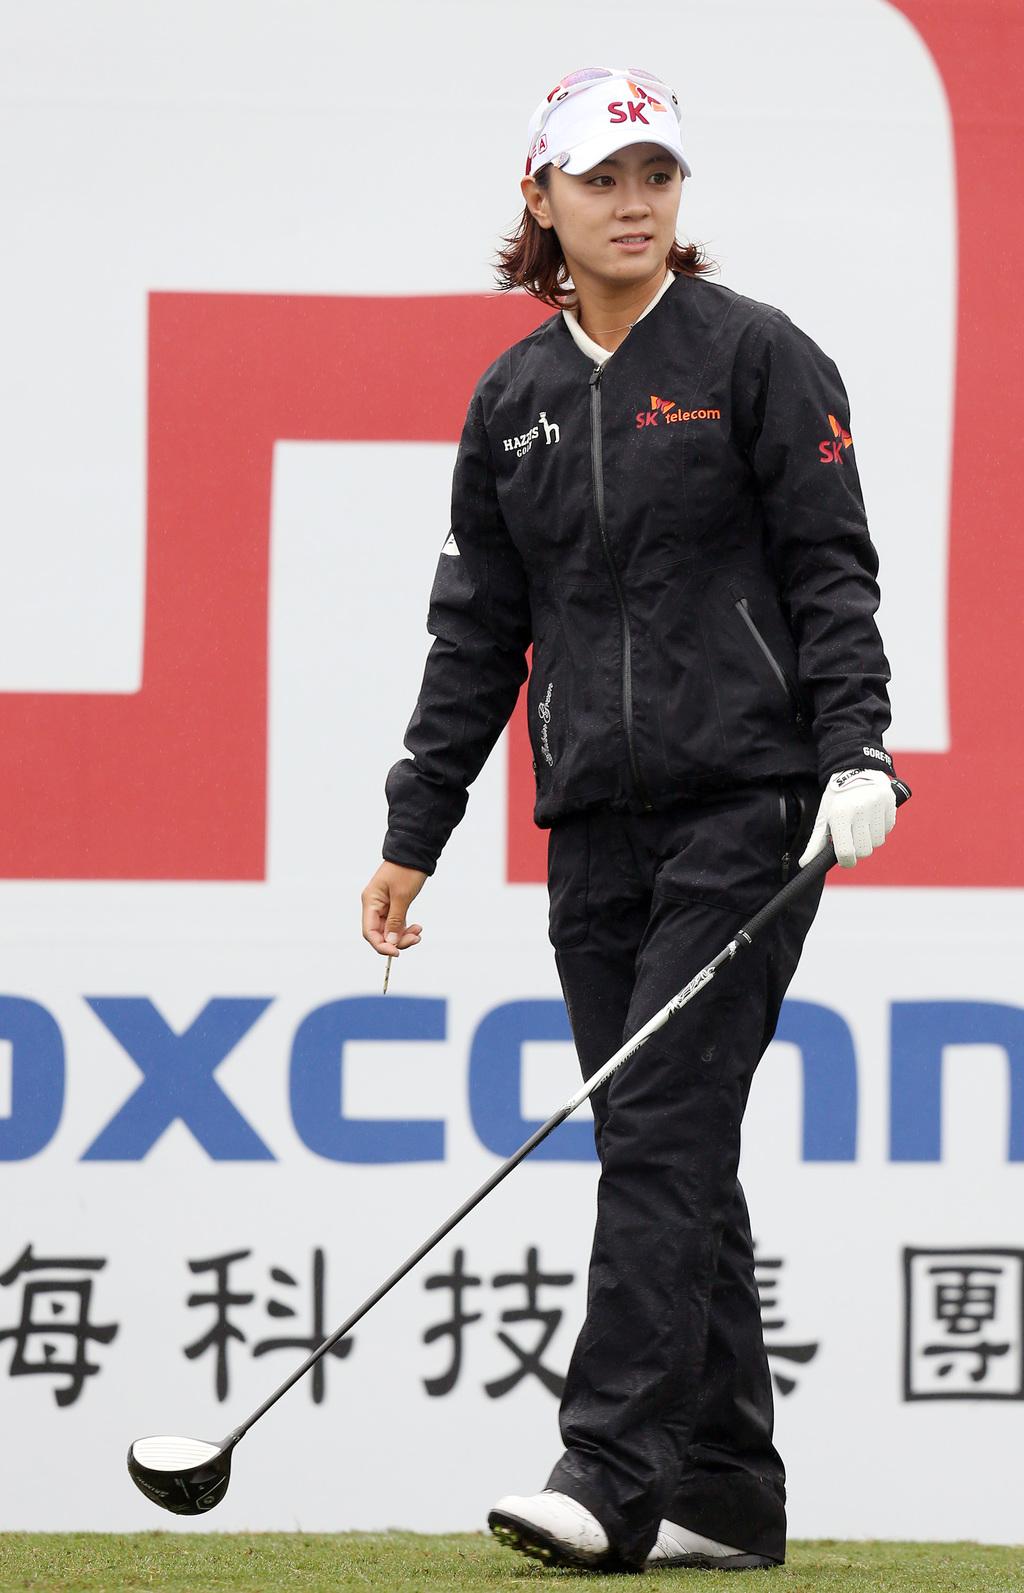 揚昇LPGA台灣錦標賽24日在桃園楊梅點燃戰火,世界排名第6名的韓國小可愛崔蘿蓮(Na Yeon Choi)打出高於標準桿2桿的74桿成績...